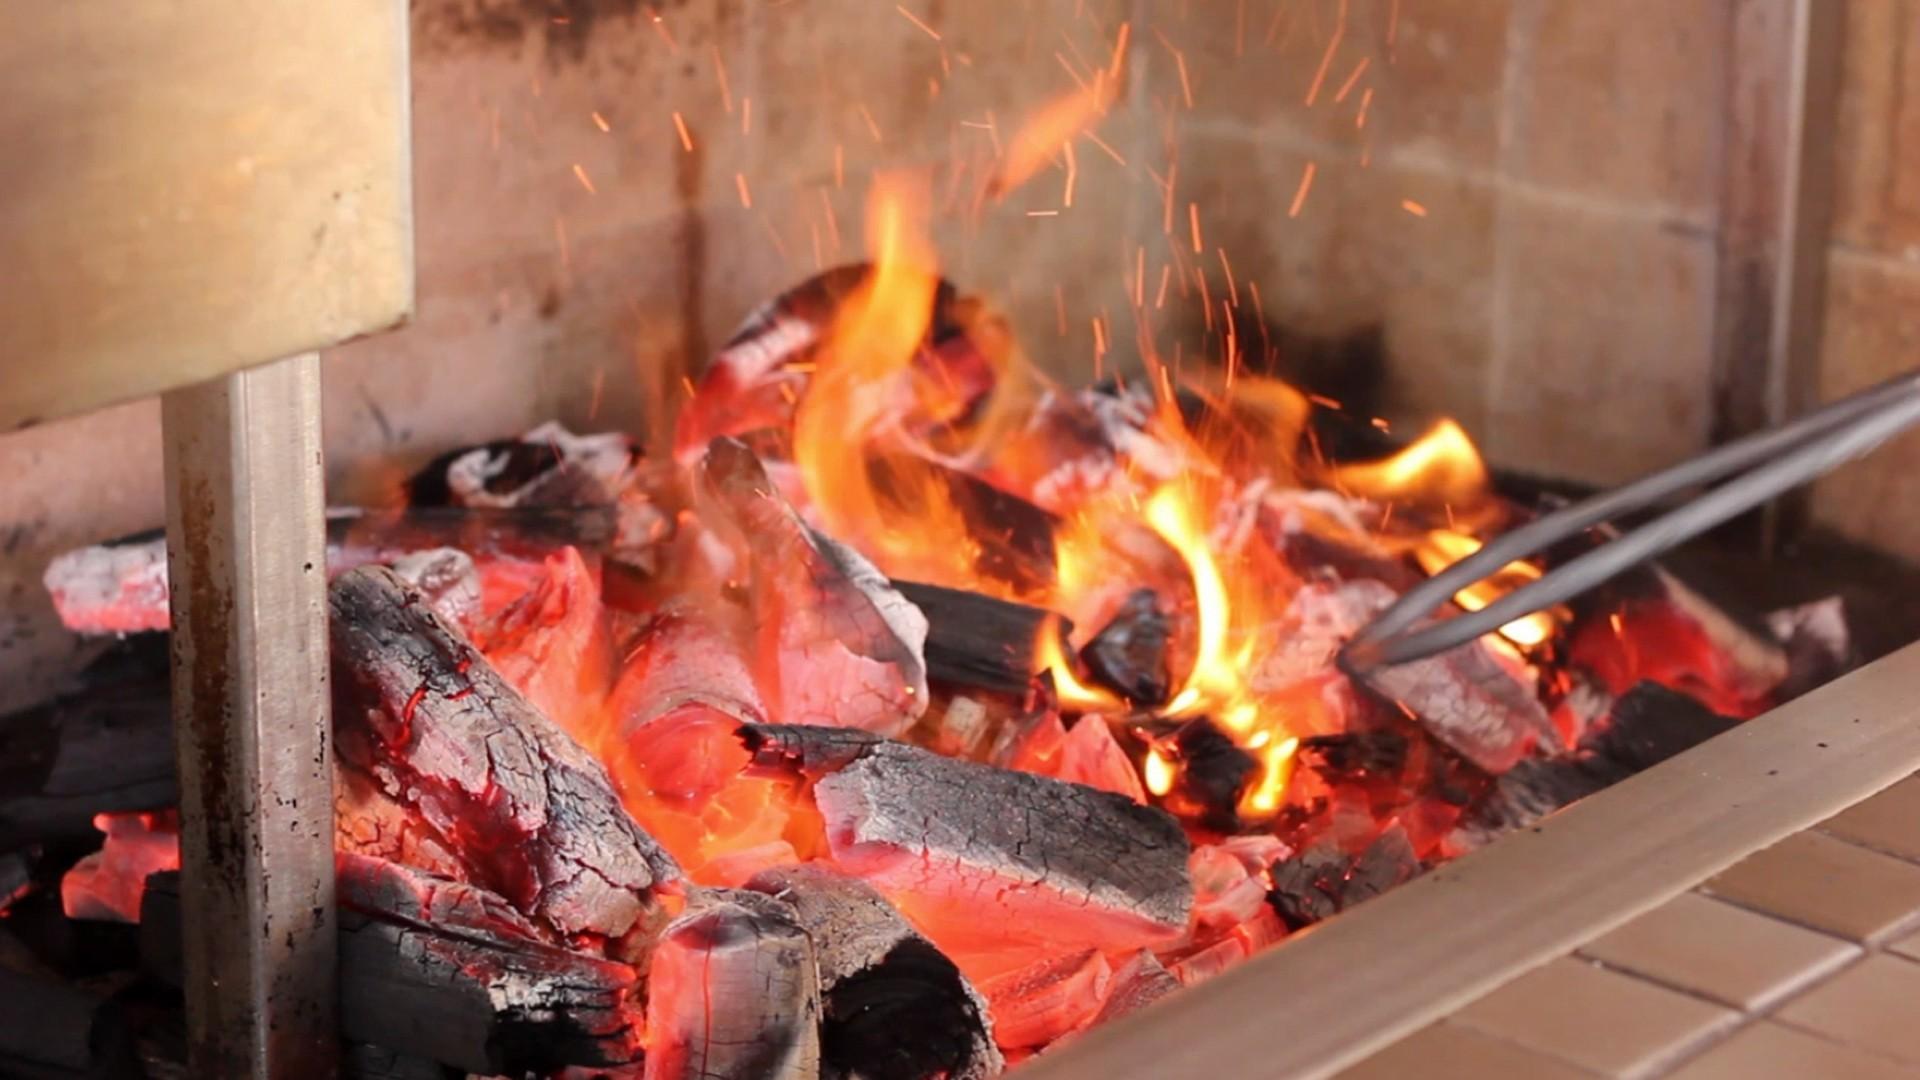 Acerte no fogo do churrasco: use uma resistência para acendê-lo (Foto: Reprodução)